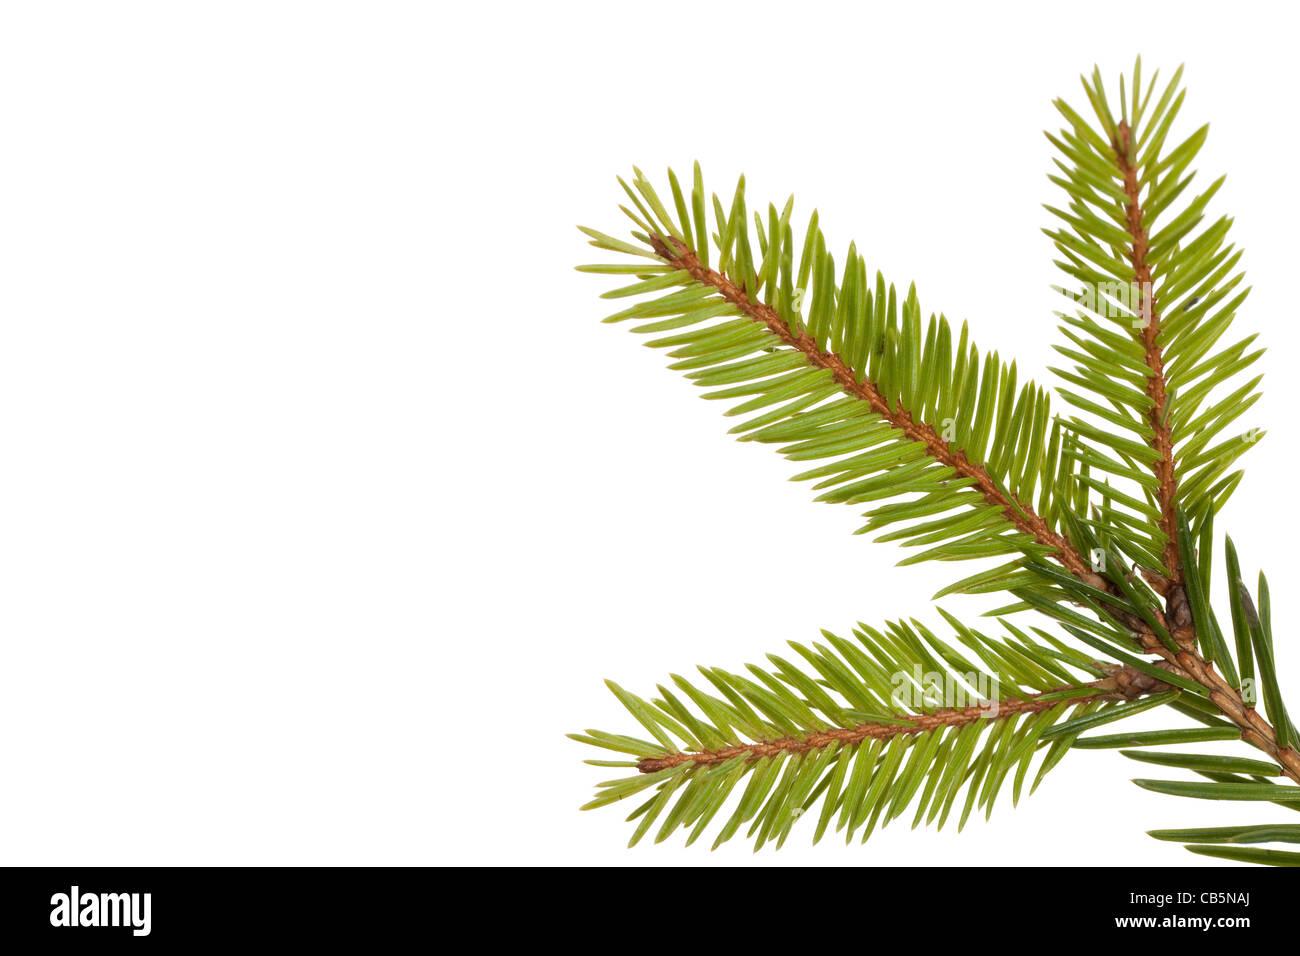 grüner Zweig des jungen Fichten auf weißem Hintergrund Stockbild